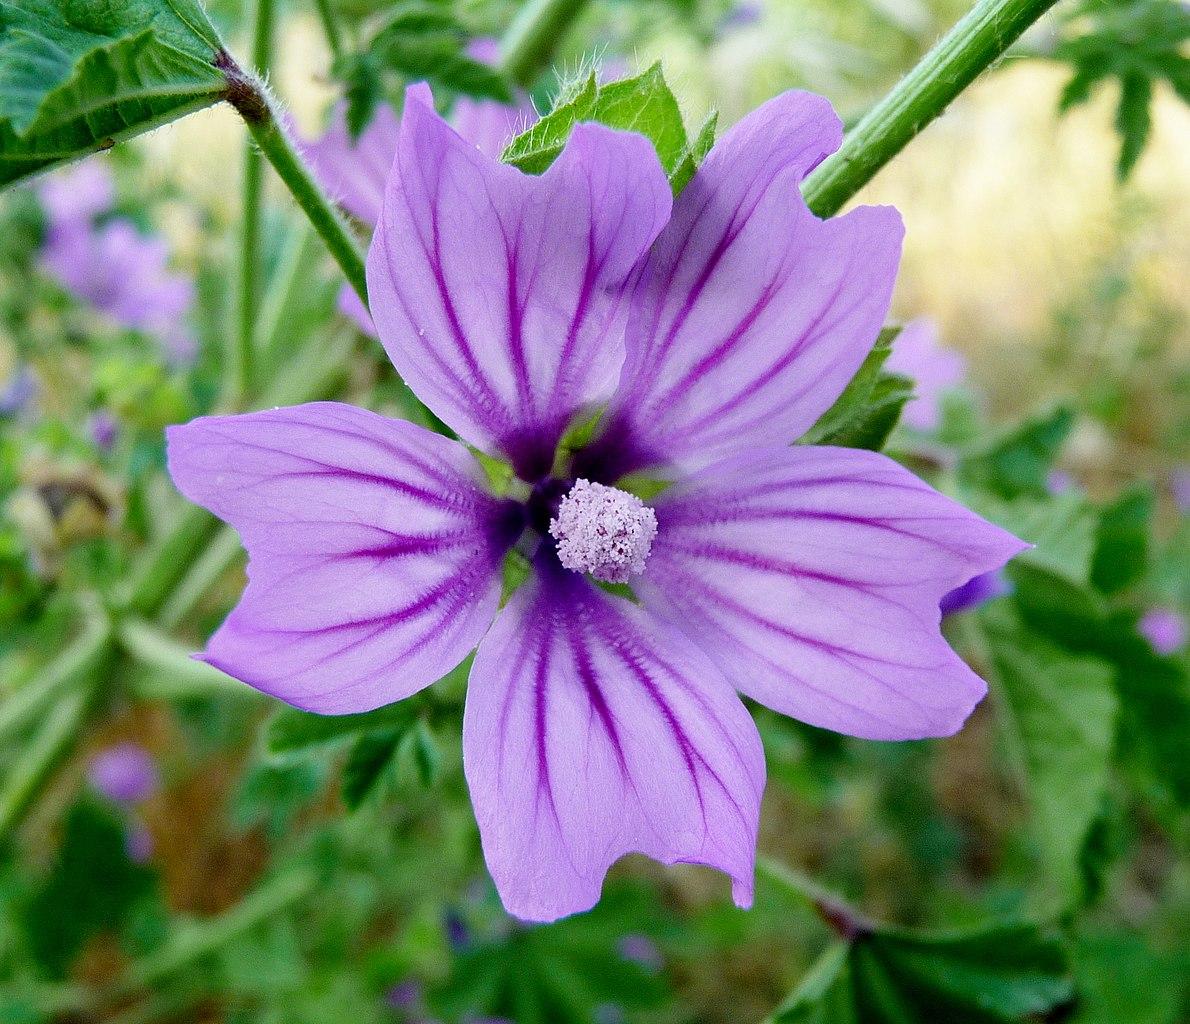 File:Malva sylvestris, flower 1.JPG - Wikimedia Commons